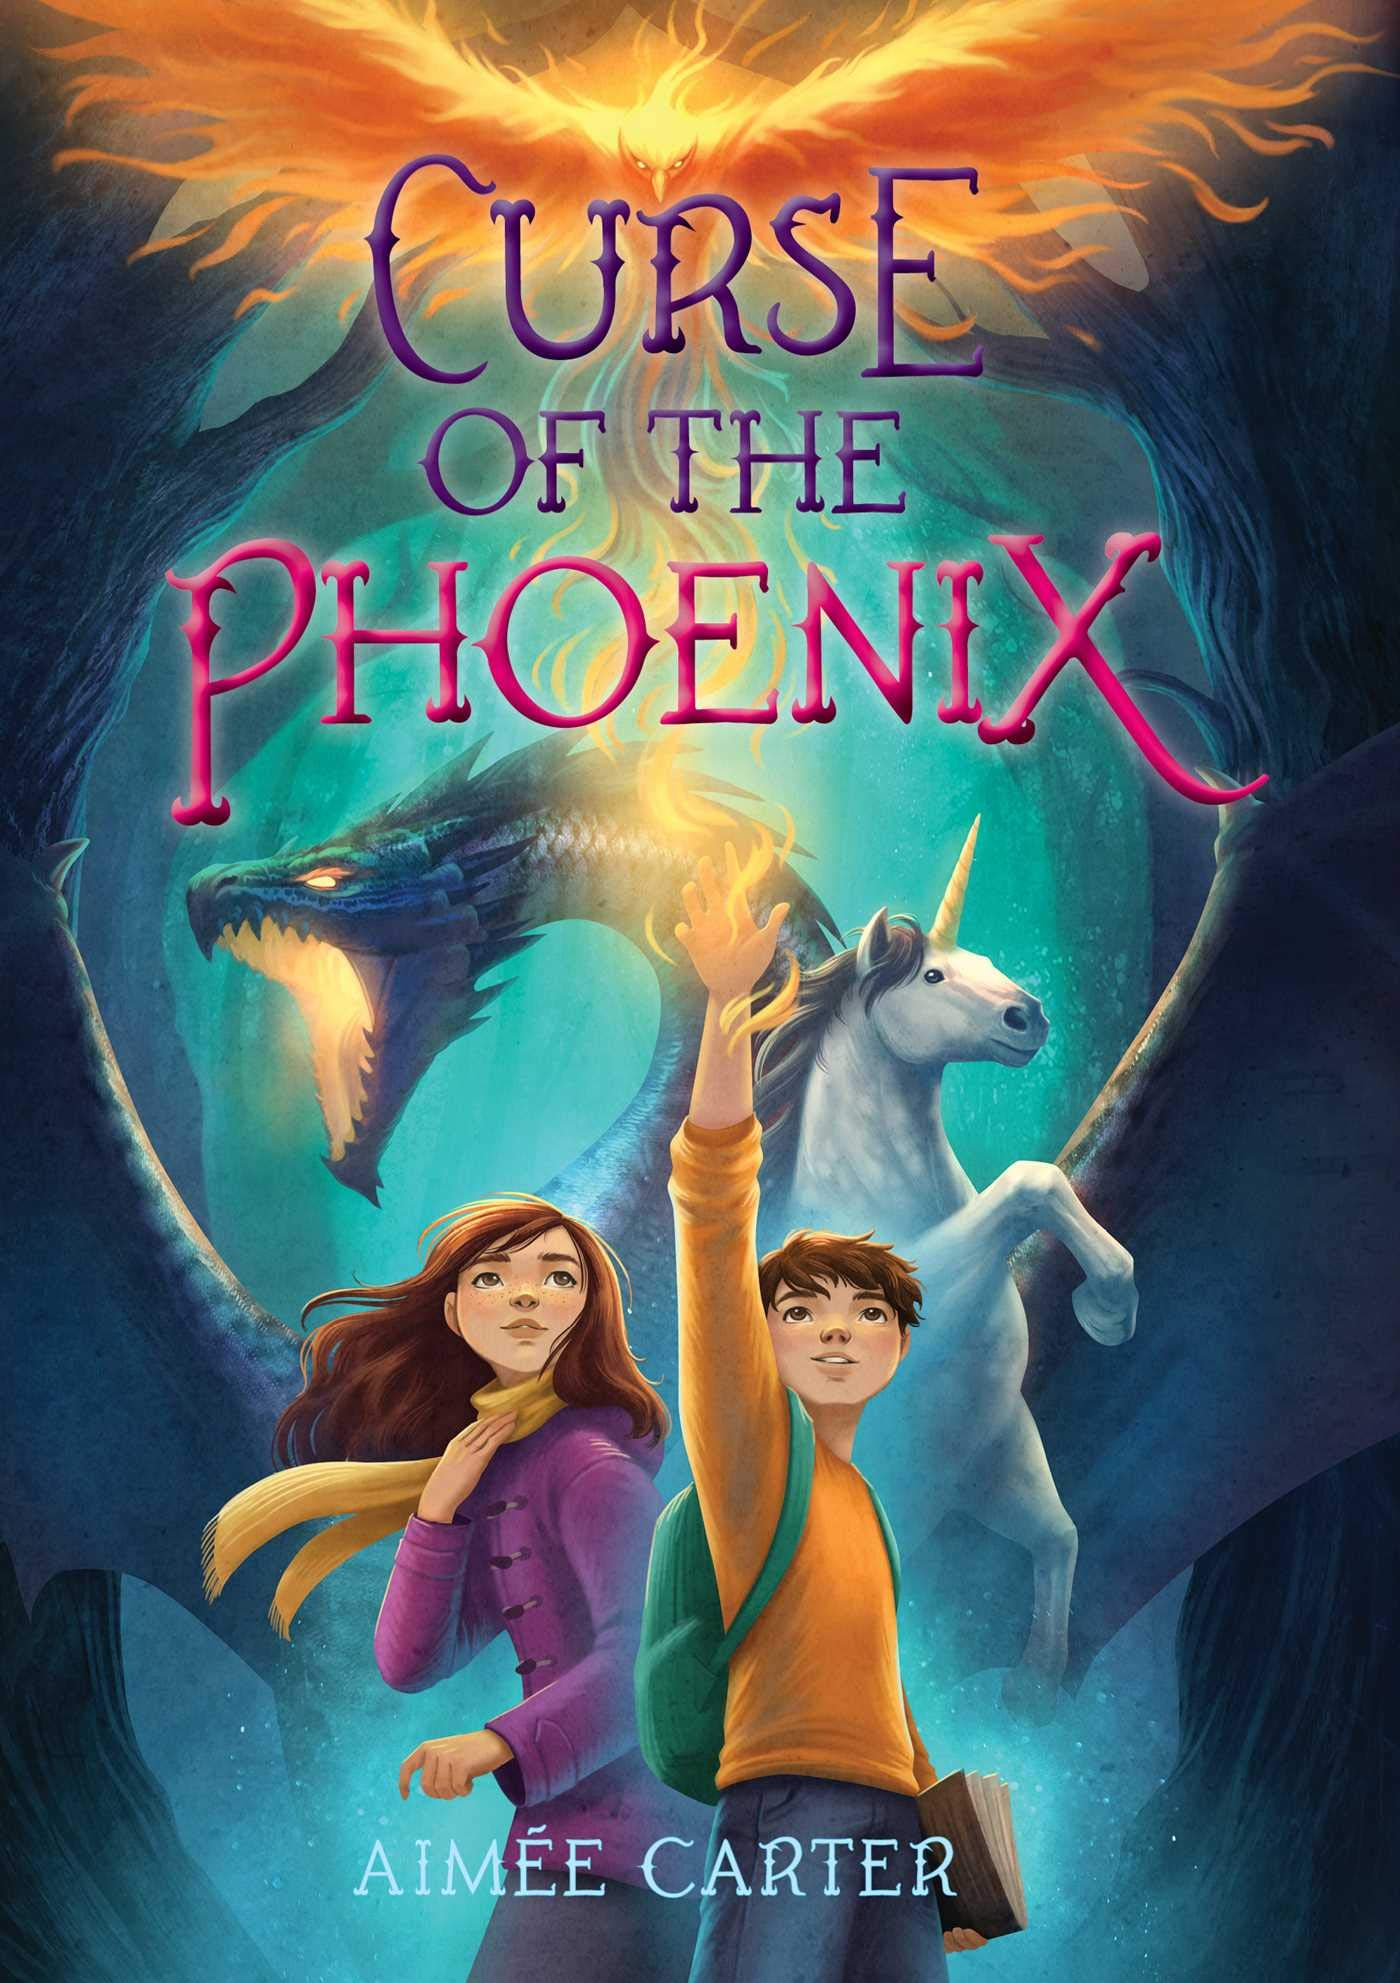 Curse of the Phoenix: Carter, Aimée: 9781534478442: Amazon.com: Books